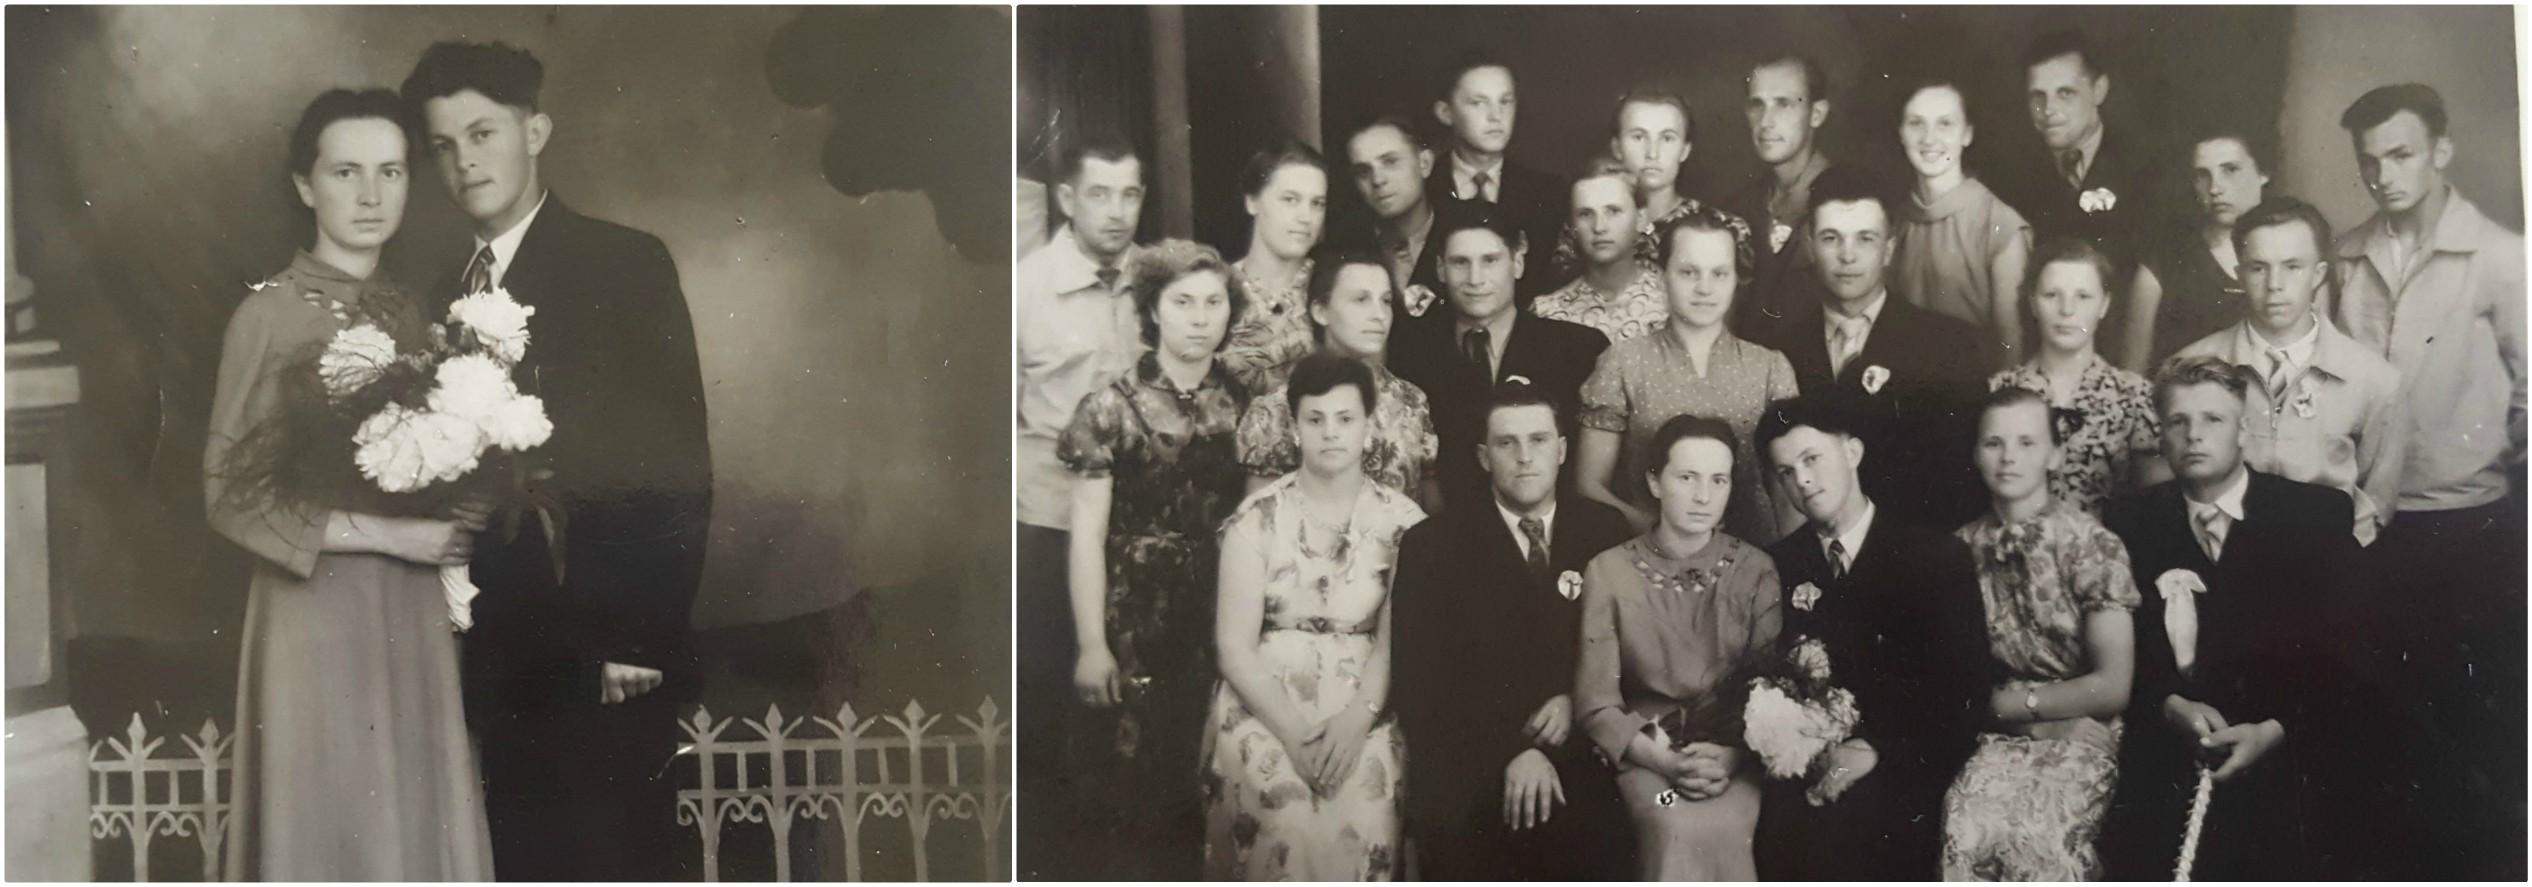 """Deimantinių vestuvių sukaktį minintiems Aksaverai ir Bronislovui Kišonams (pora pirmoje eilėje, centre) Mendelsono maršas pirmąjį kartą nuskambėjo 1959-ųjų birželio 28 dieną. Jų šventėje dalyvavo net 104 """"veseliotojai"""". Asmeninio archyvo nuotr."""